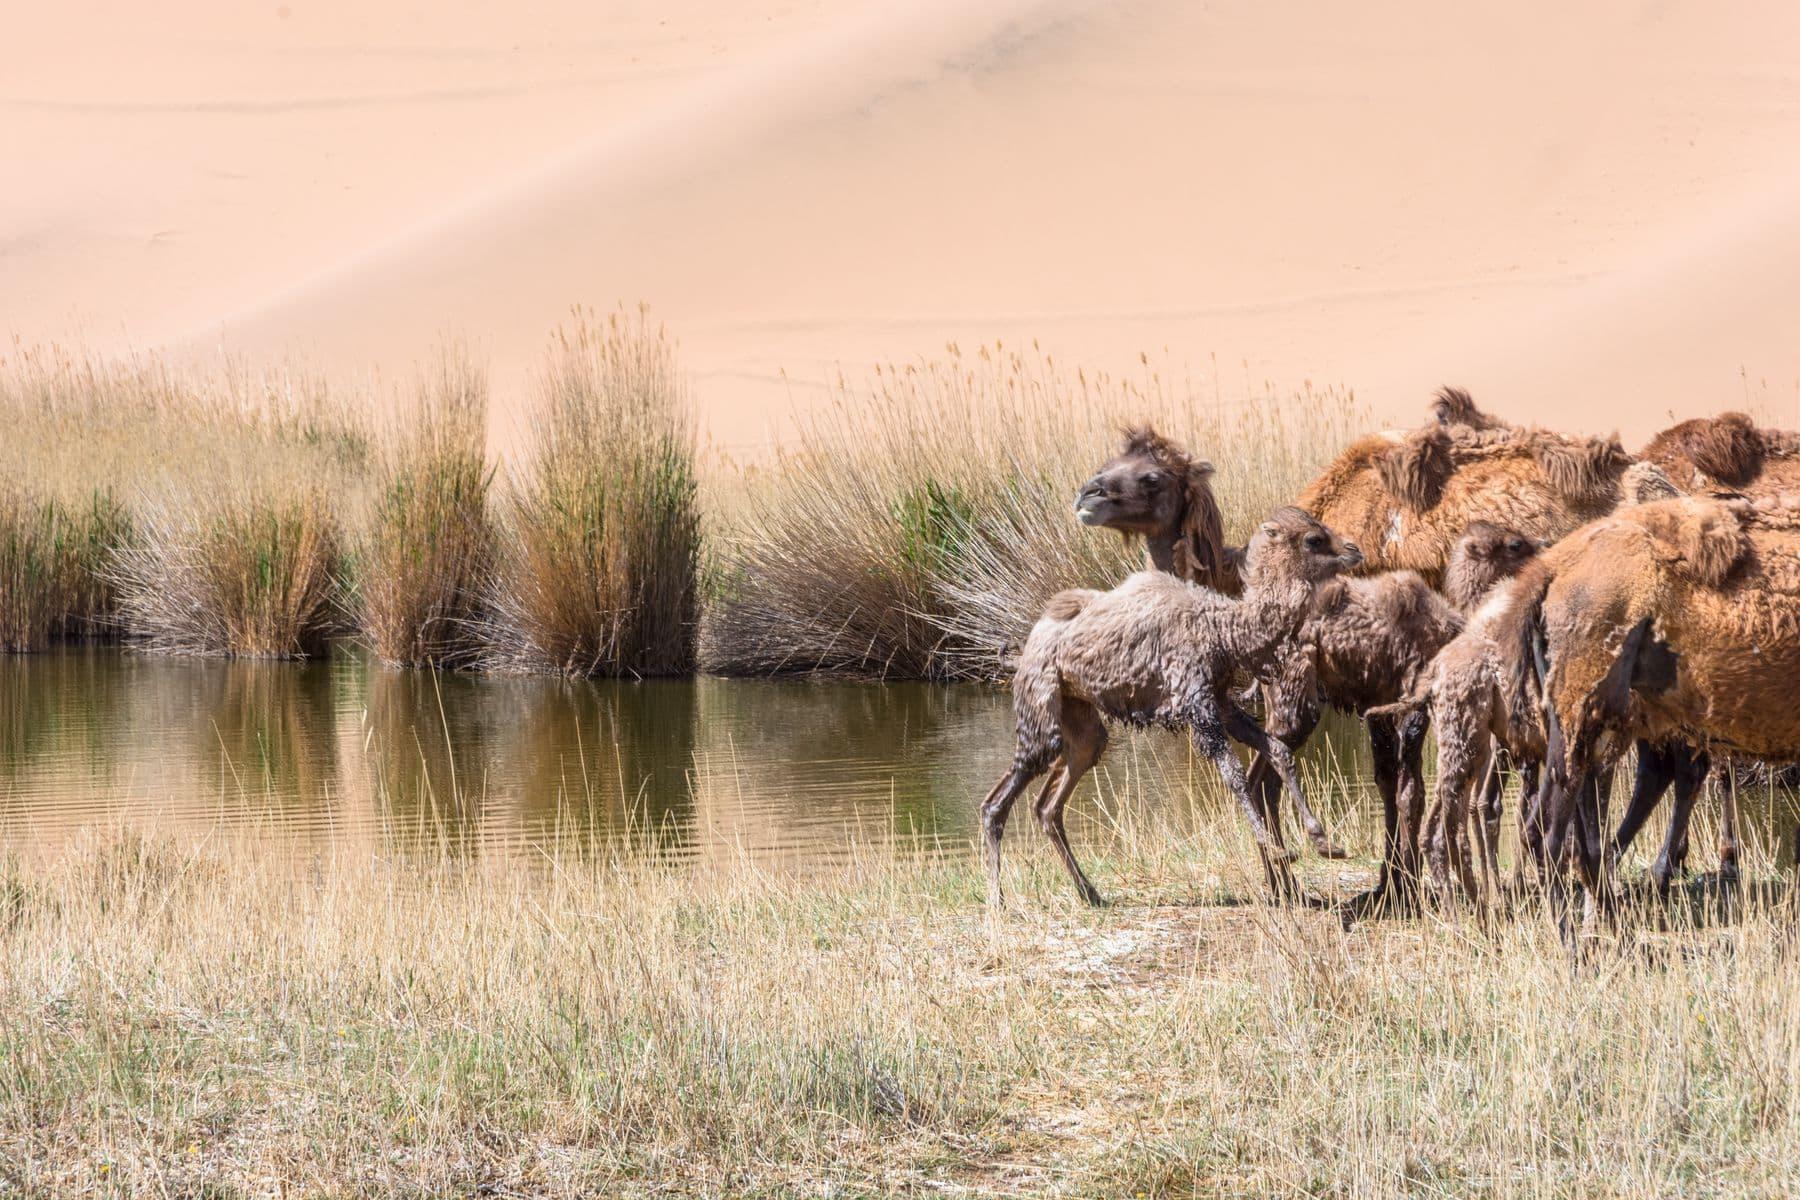 MichelAycaguer-Chine-Desert-BadainJaran-Dunes-Chameaux-MongolieInterieure-5